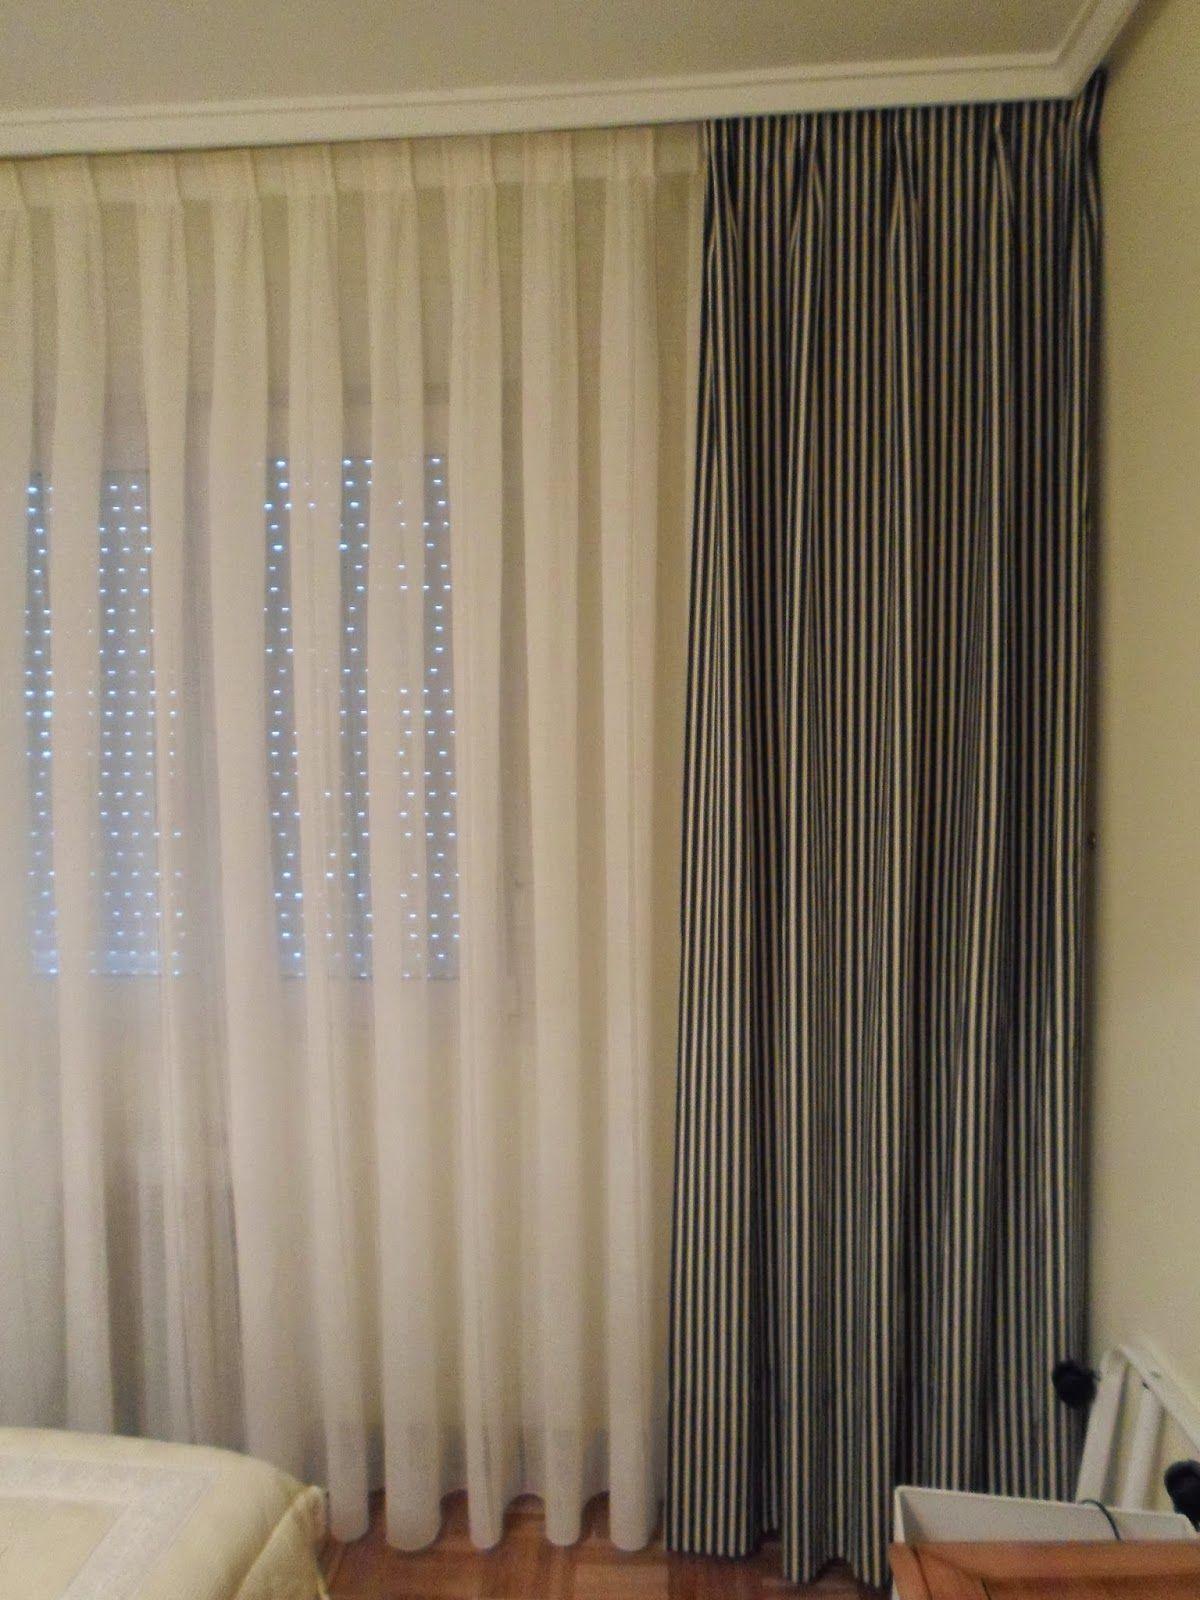 Confecci n de visillos de tablas y cortinas de mo os dormitorio cortinas confeccion de - Visillos y cortinas ...